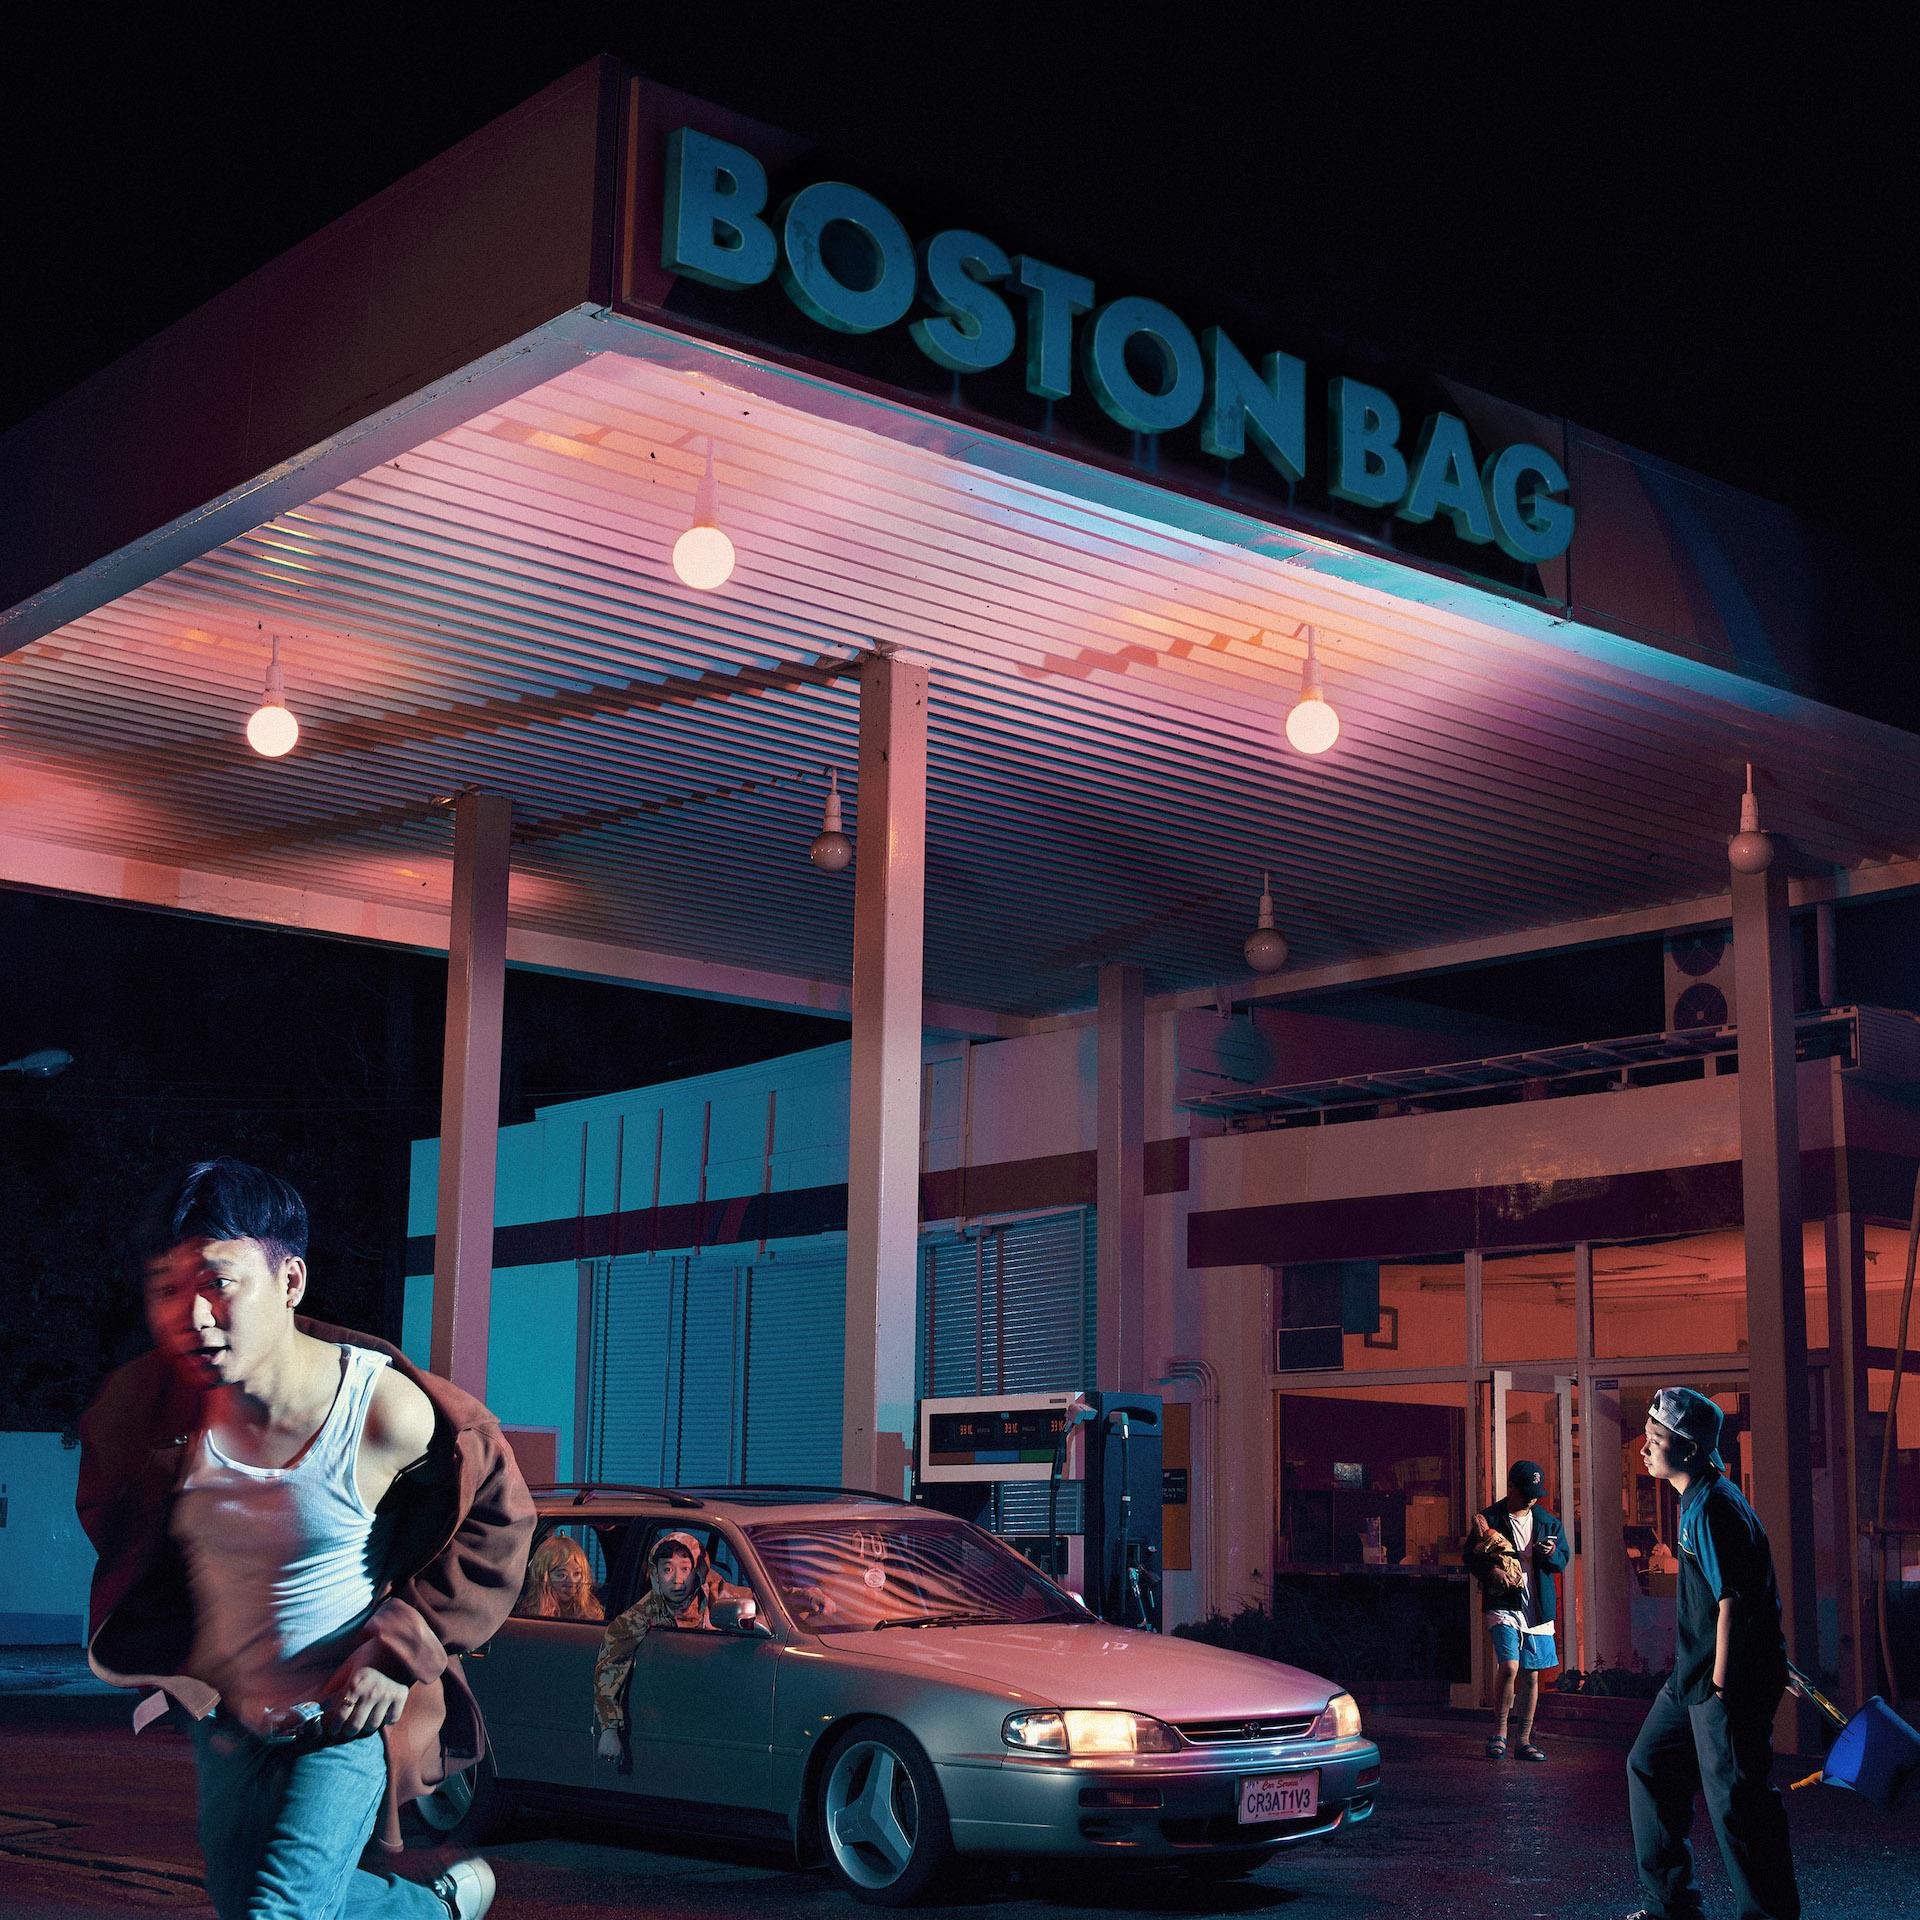 今年のAPPLE VINEGAR -Music Award-大賞はBIM『Boston Bag』&ラブリーサマーちゃん『THE THIRD SUMMER OF LOVE』!特別賞も決定 music210409_applevinegaraward_1